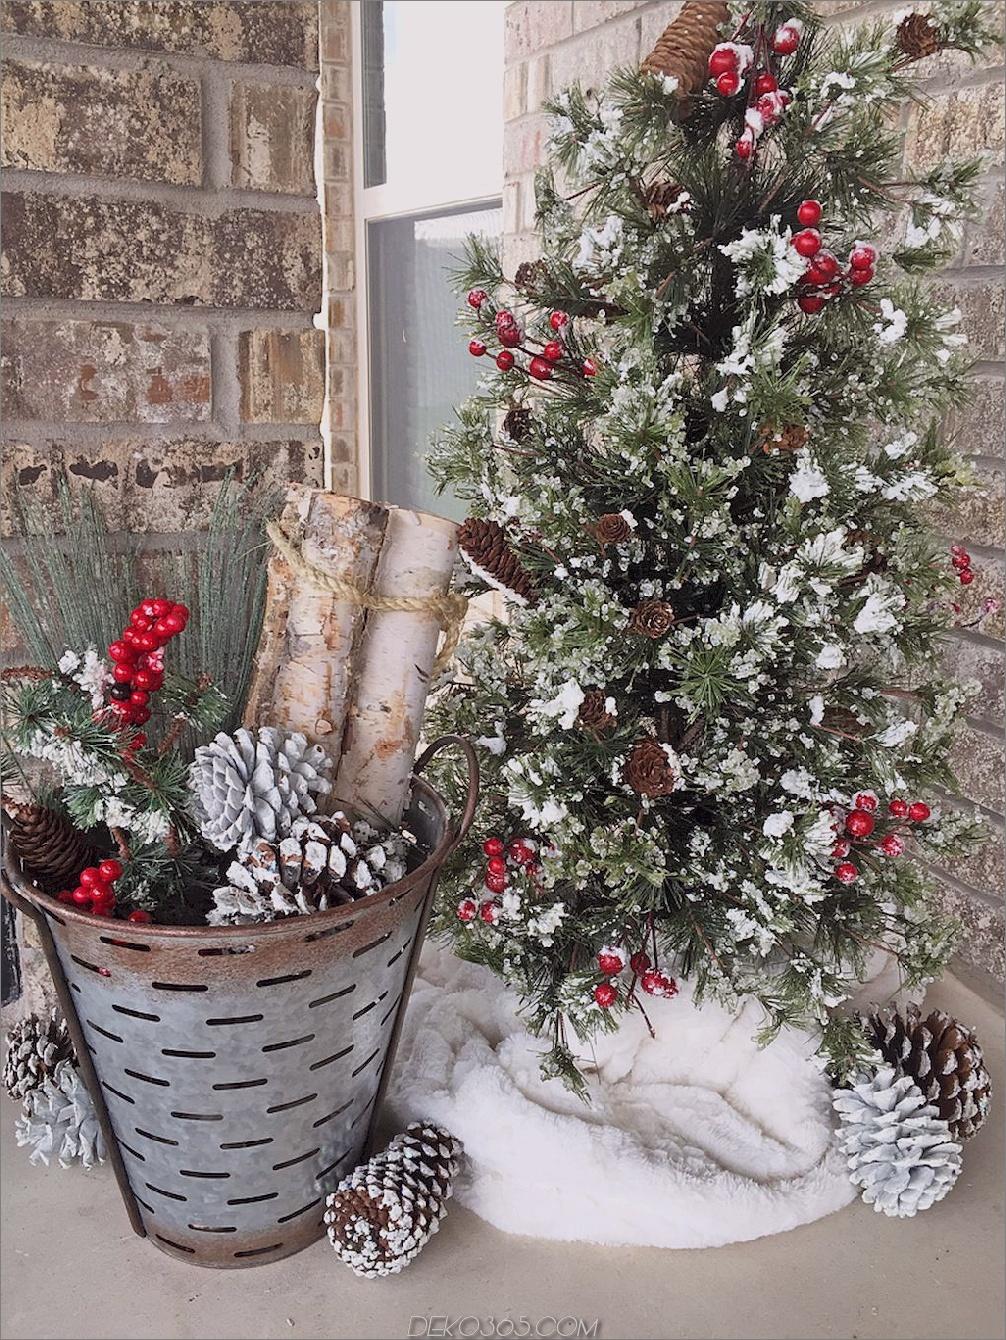 Weihnachtsbaum auf Veranda Fröhlich Veranda Dekor, dass Urlaub Urlaub Spaß schreien